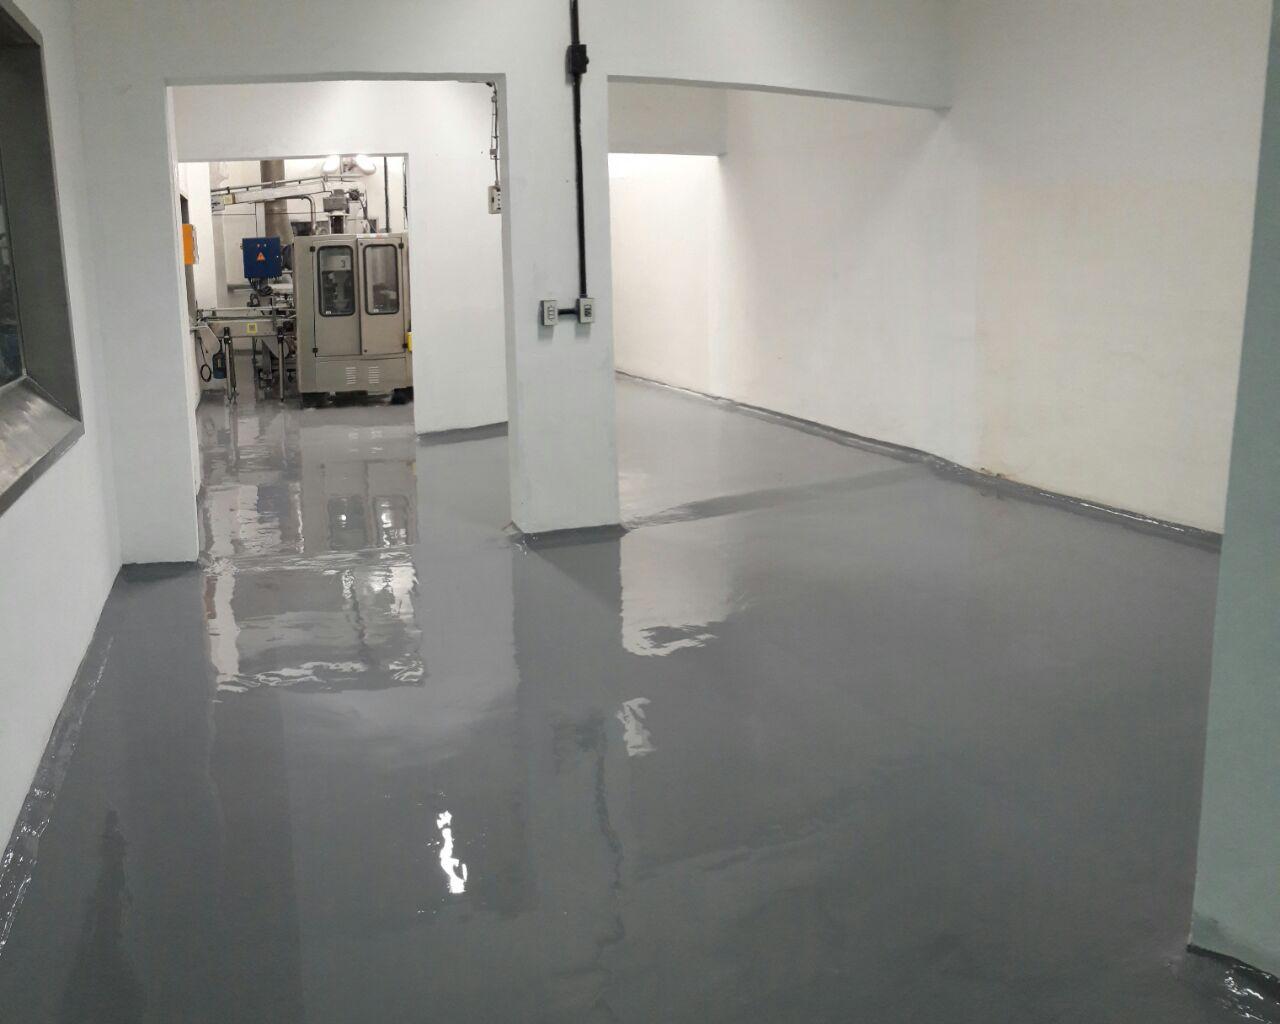 Refuncionalizacion de sctores y nuevas aduanas. ALbañileria, pisos industriales e instalaciones varias. COM. Nestle. 2017